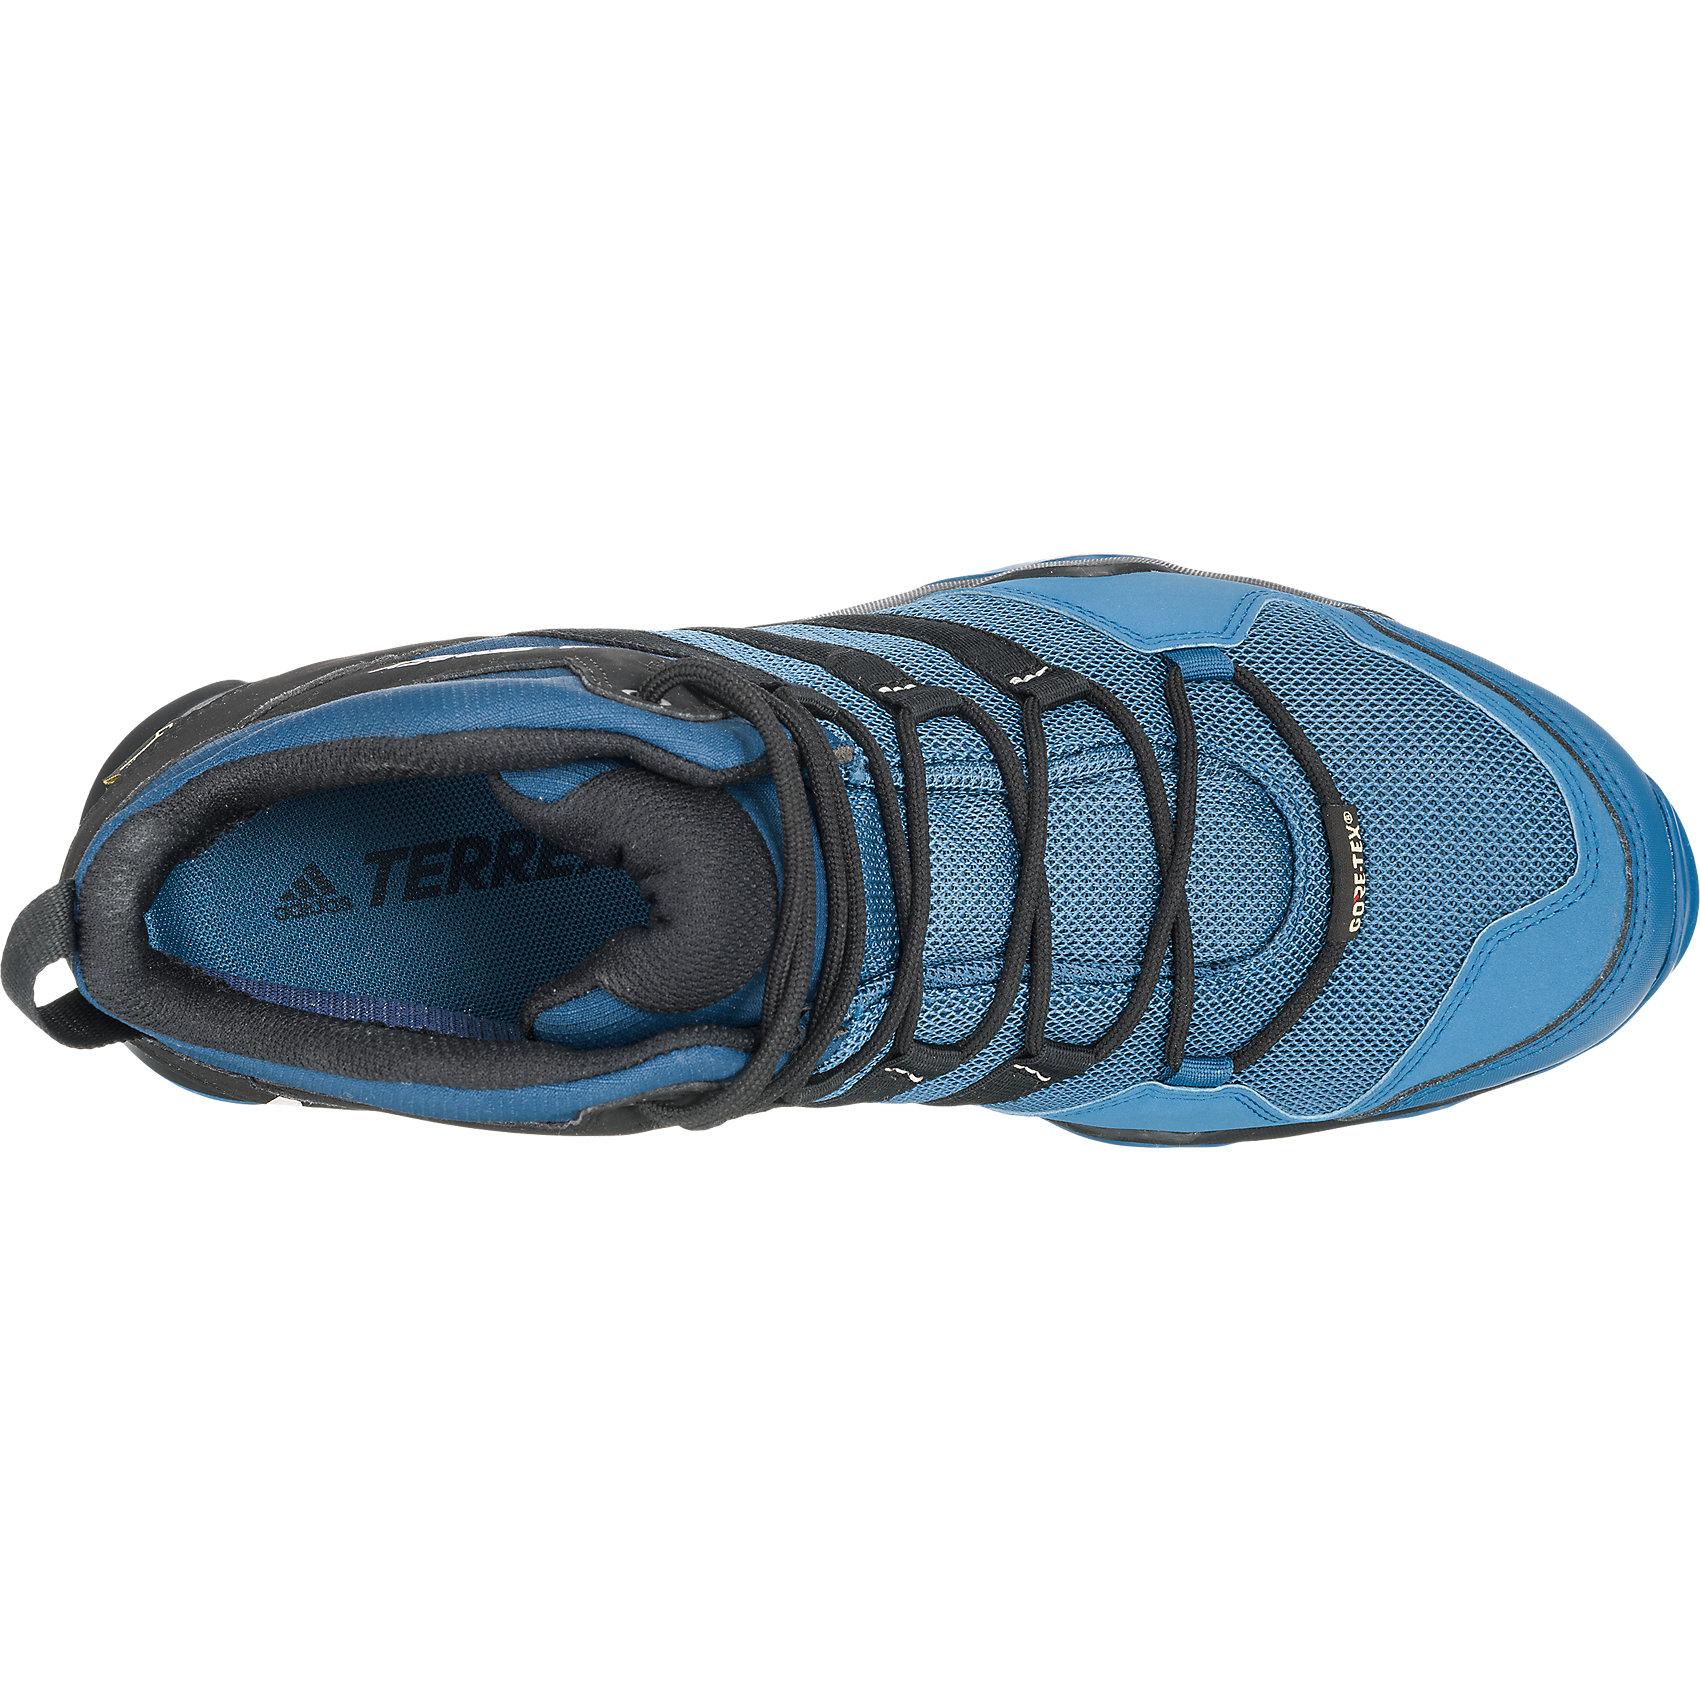 Neu adidas Performance Terrex Ax2r Mid für Gtx Outdoor Stiefel 5780079 für Mid Herren fff23a